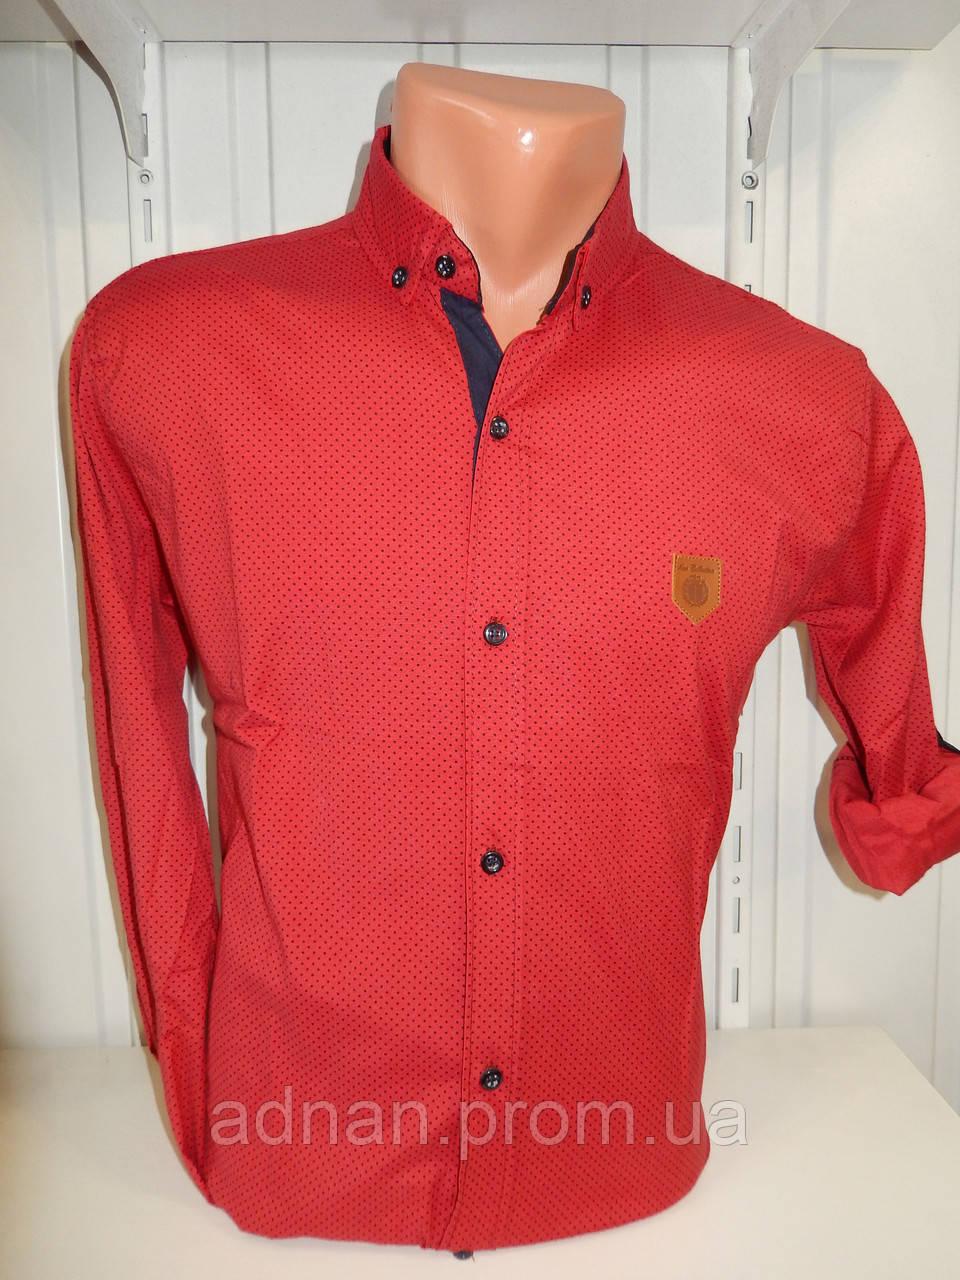 Рубашка мужская SENATOT длинный рукав, мелкий узор, стрейч 009 \ купить рубашку